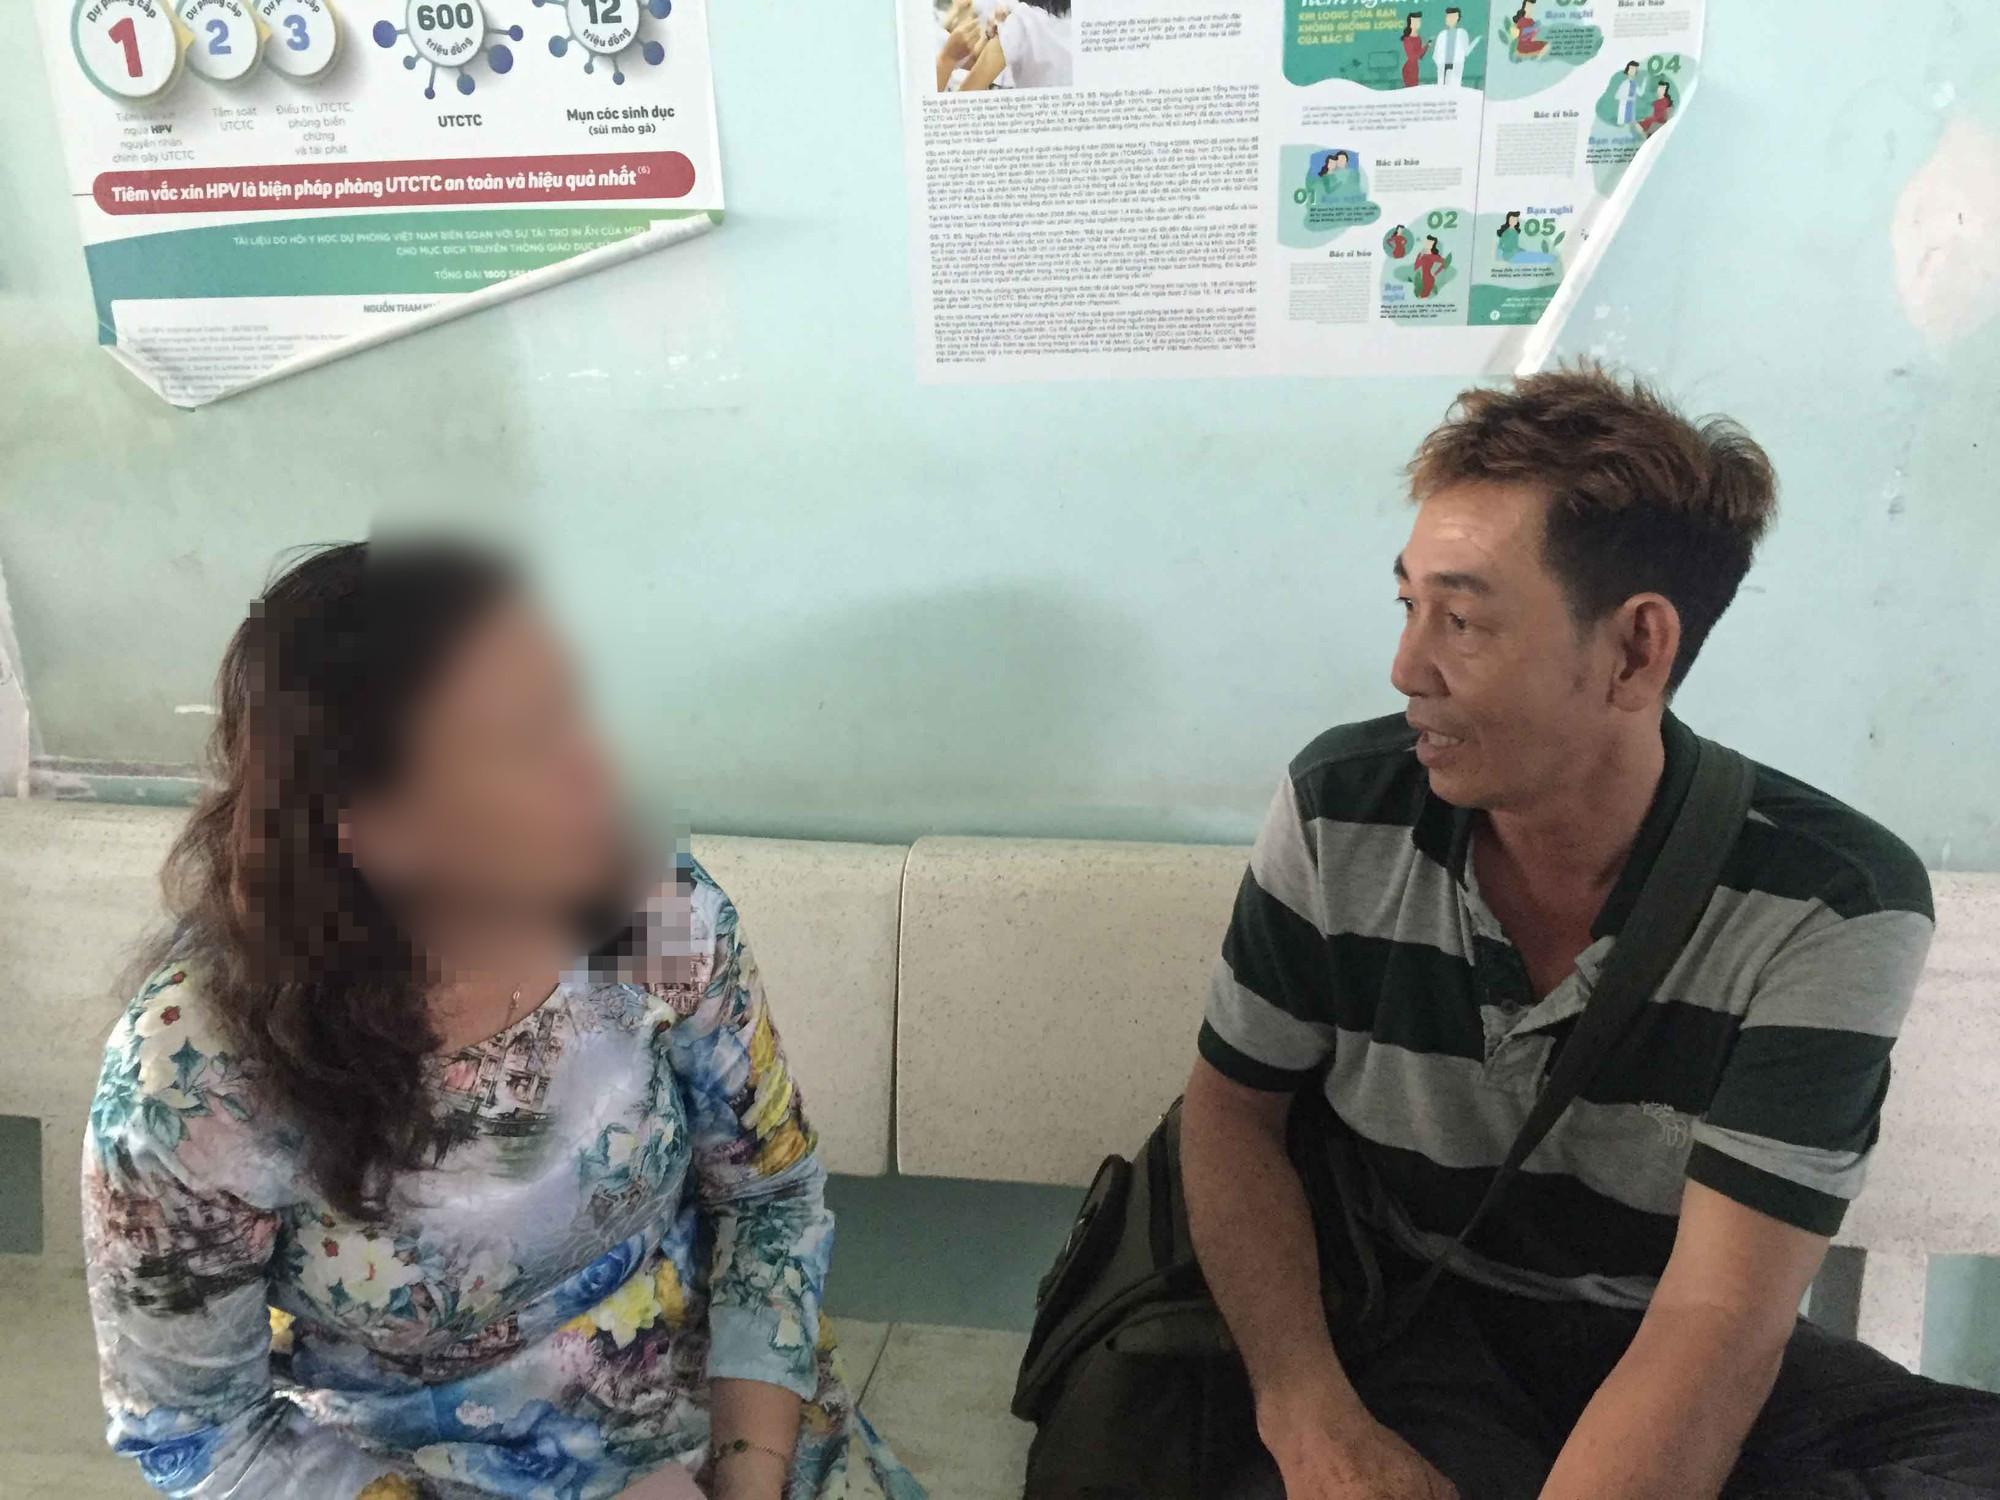 Lời kể kinh hoàng của cô gái mang thai 6 tháng bị bỏ đói, tra tấn khiến thai nhi tử vong: Em van xin nhưng không ai buông tha... - Ảnh 1.